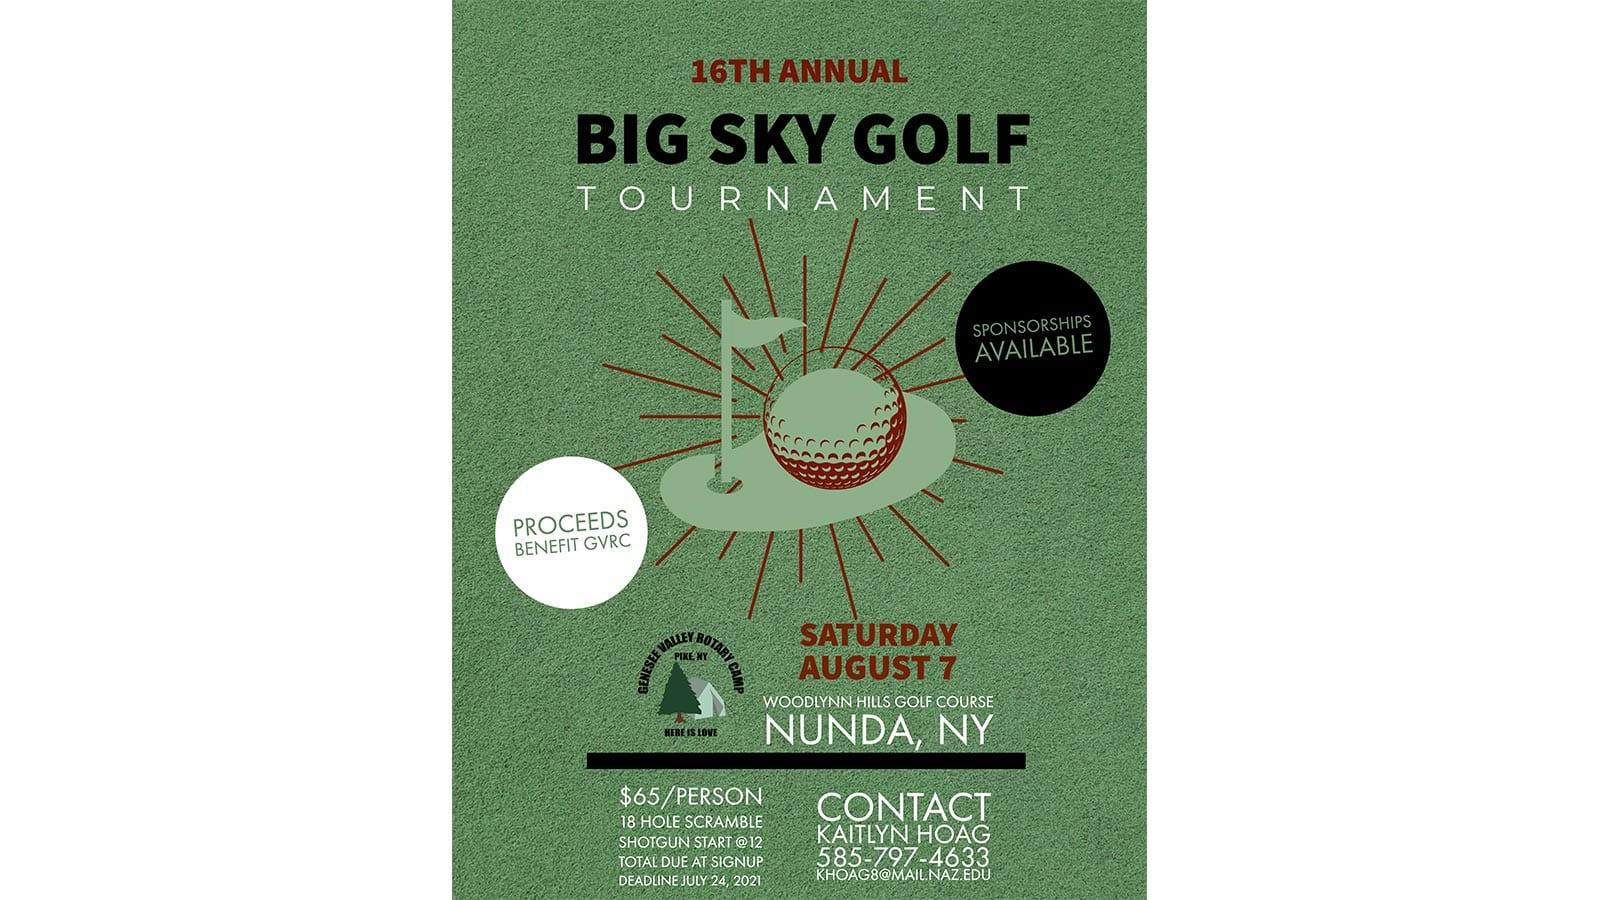 Big Sky Golf Tournament 2021